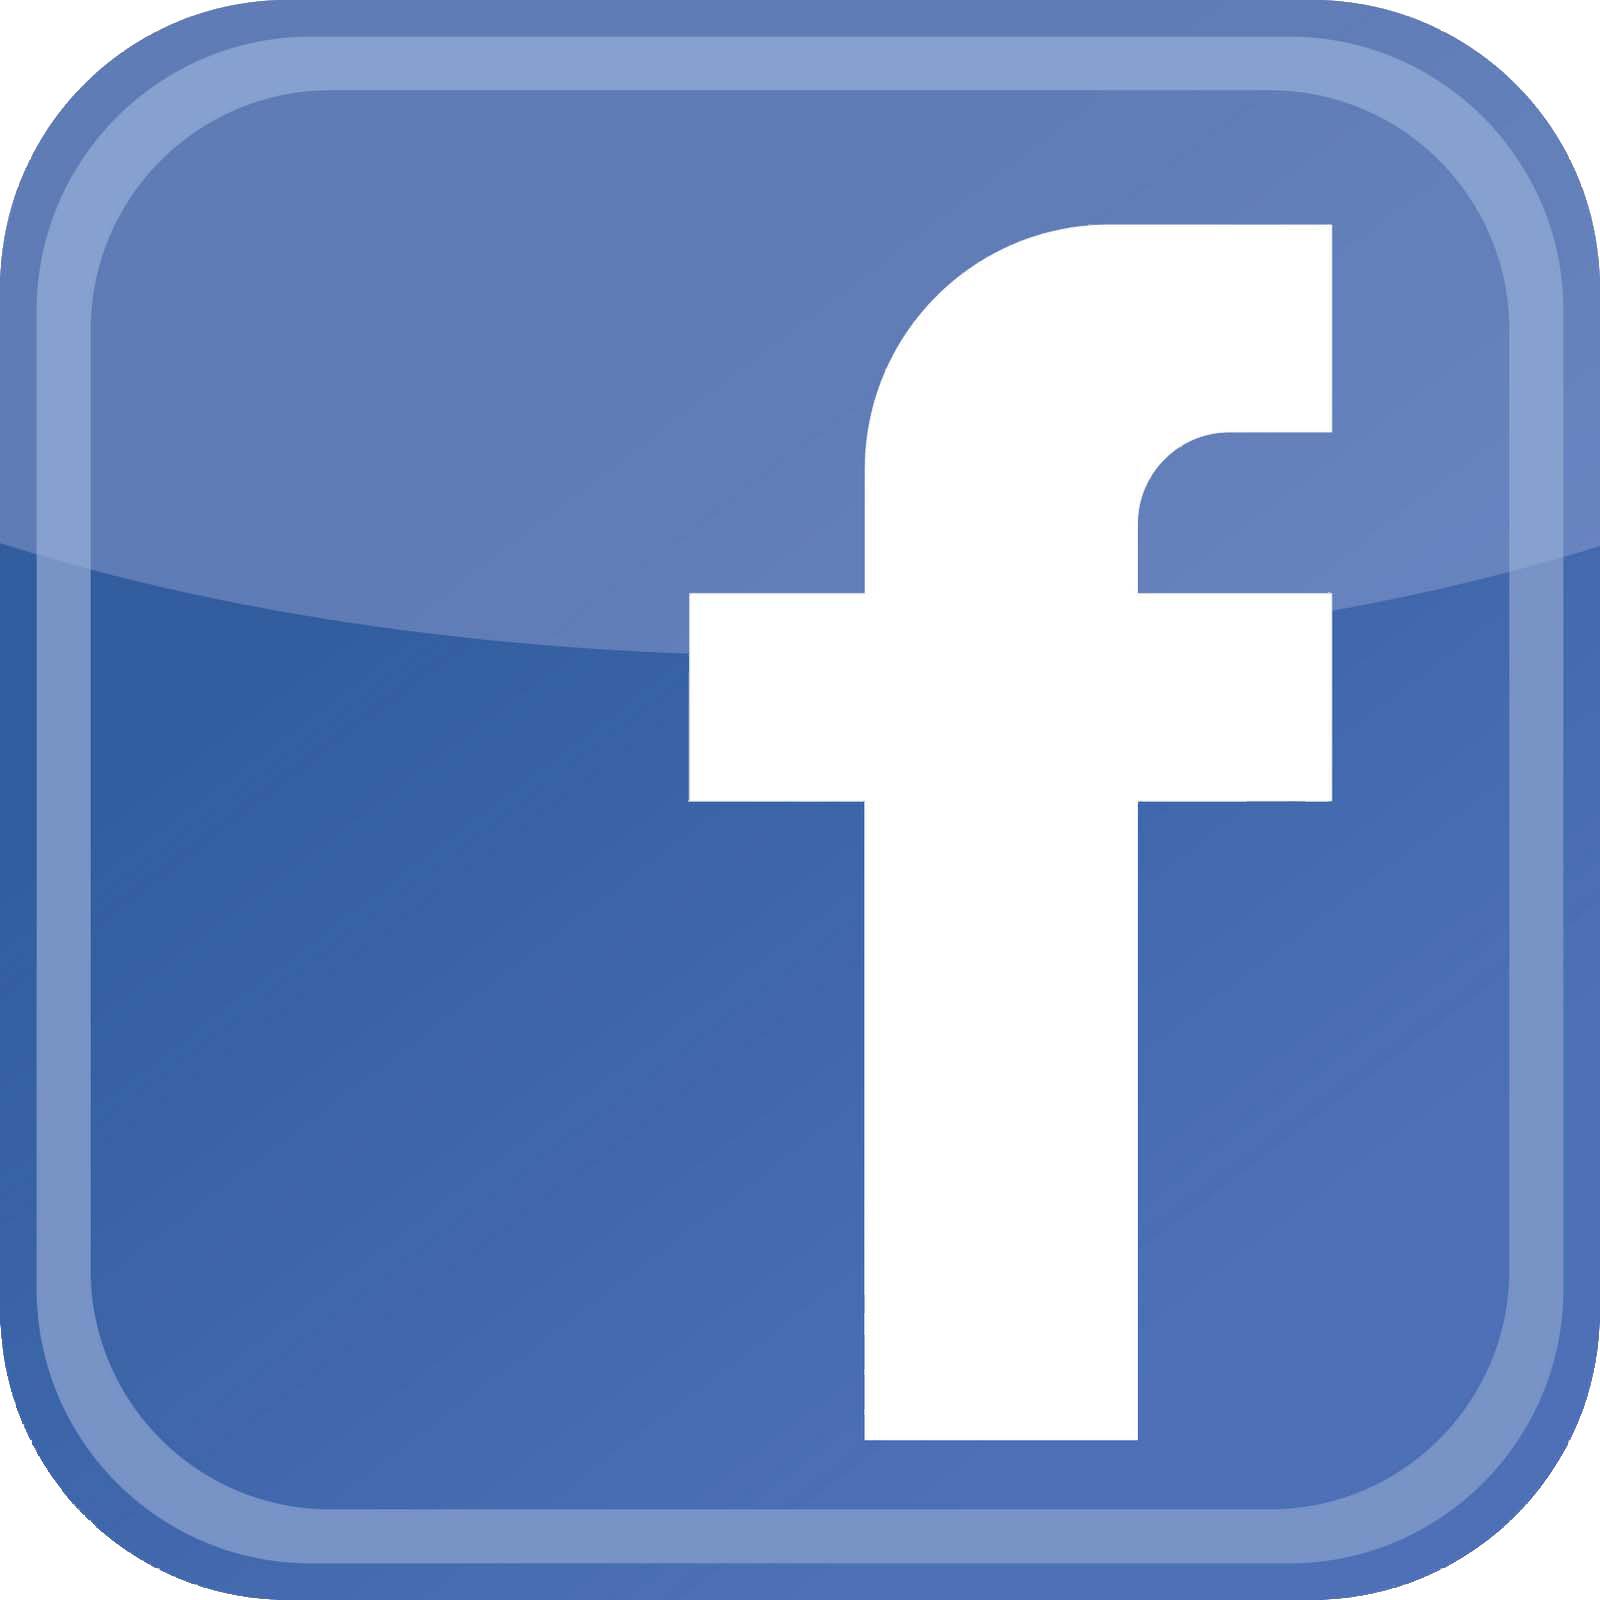 Facebook logo - Letter